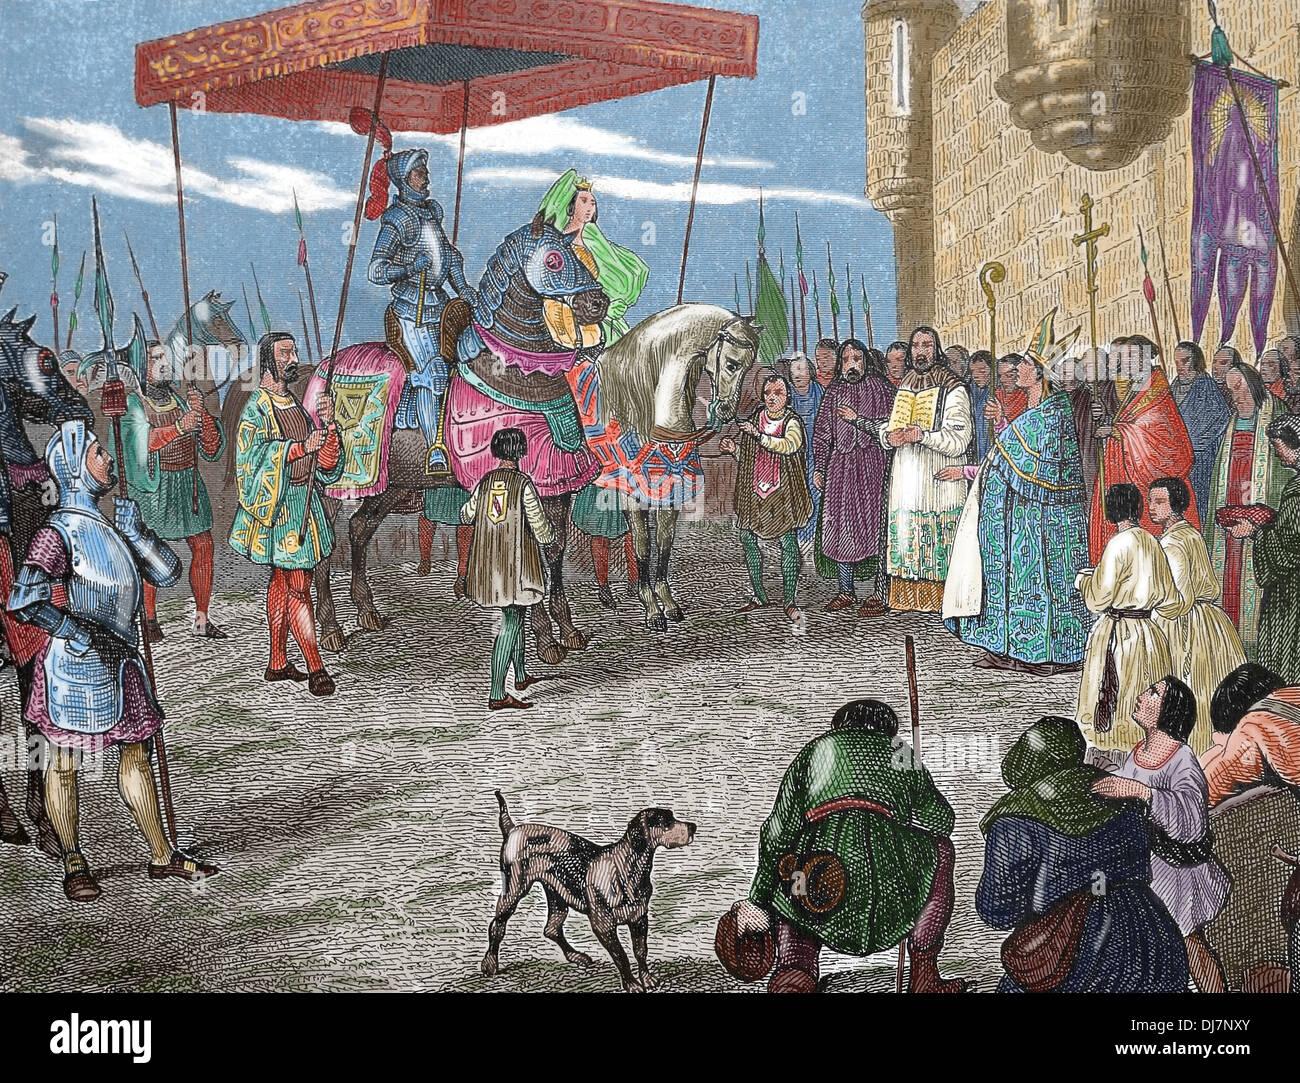 La storia. Medioevo. Vassallo rende omaggio al loro signore di Liegi. Incisione. (Colorazione successiva) Immagini Stock